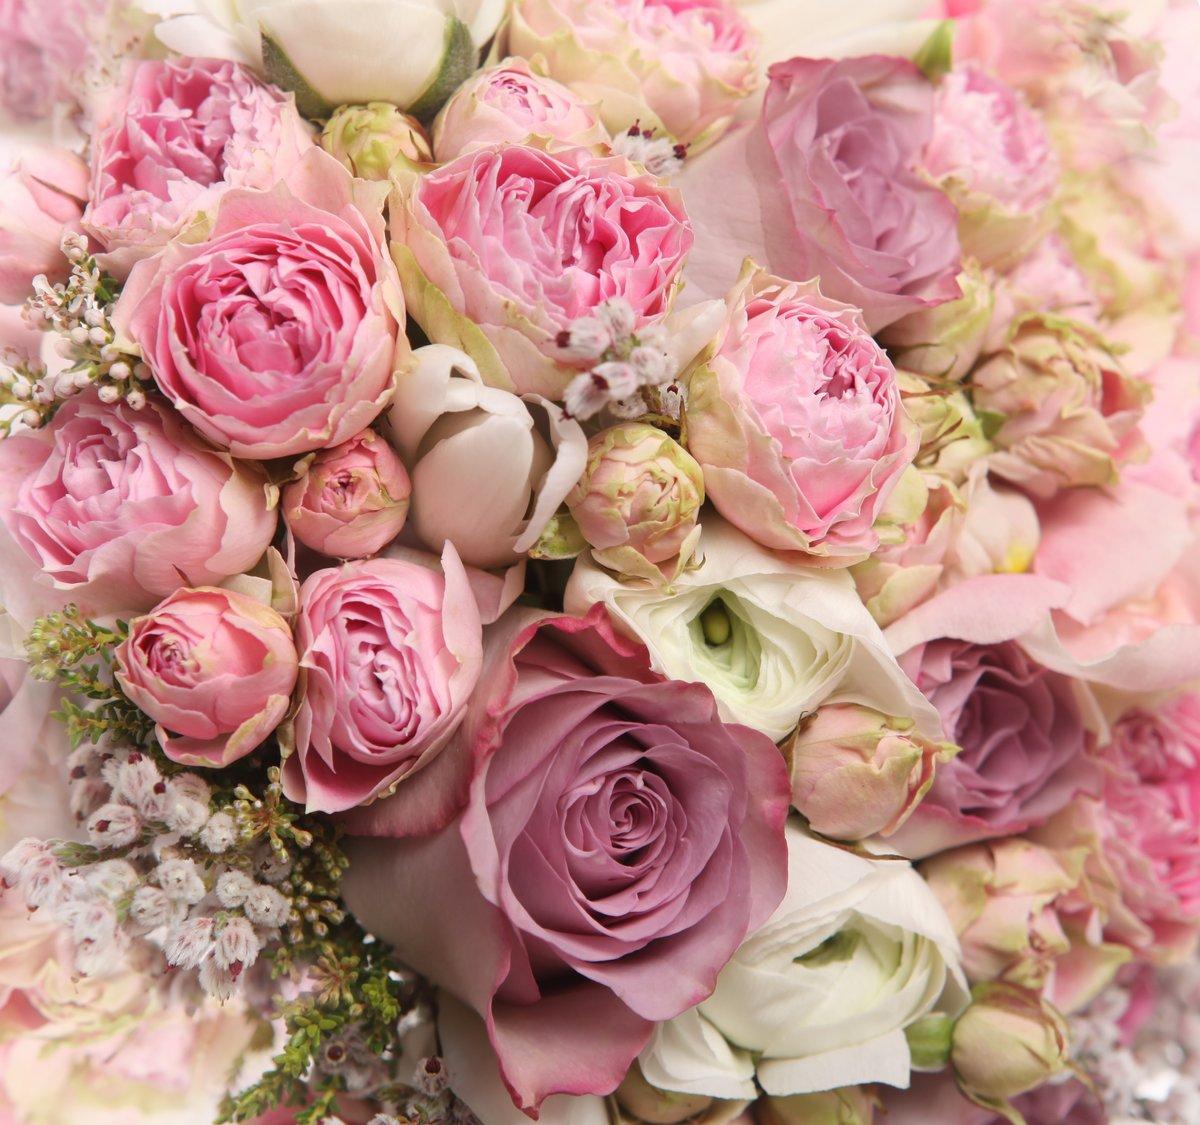 С днем рождения женщине картинки с розами стильные